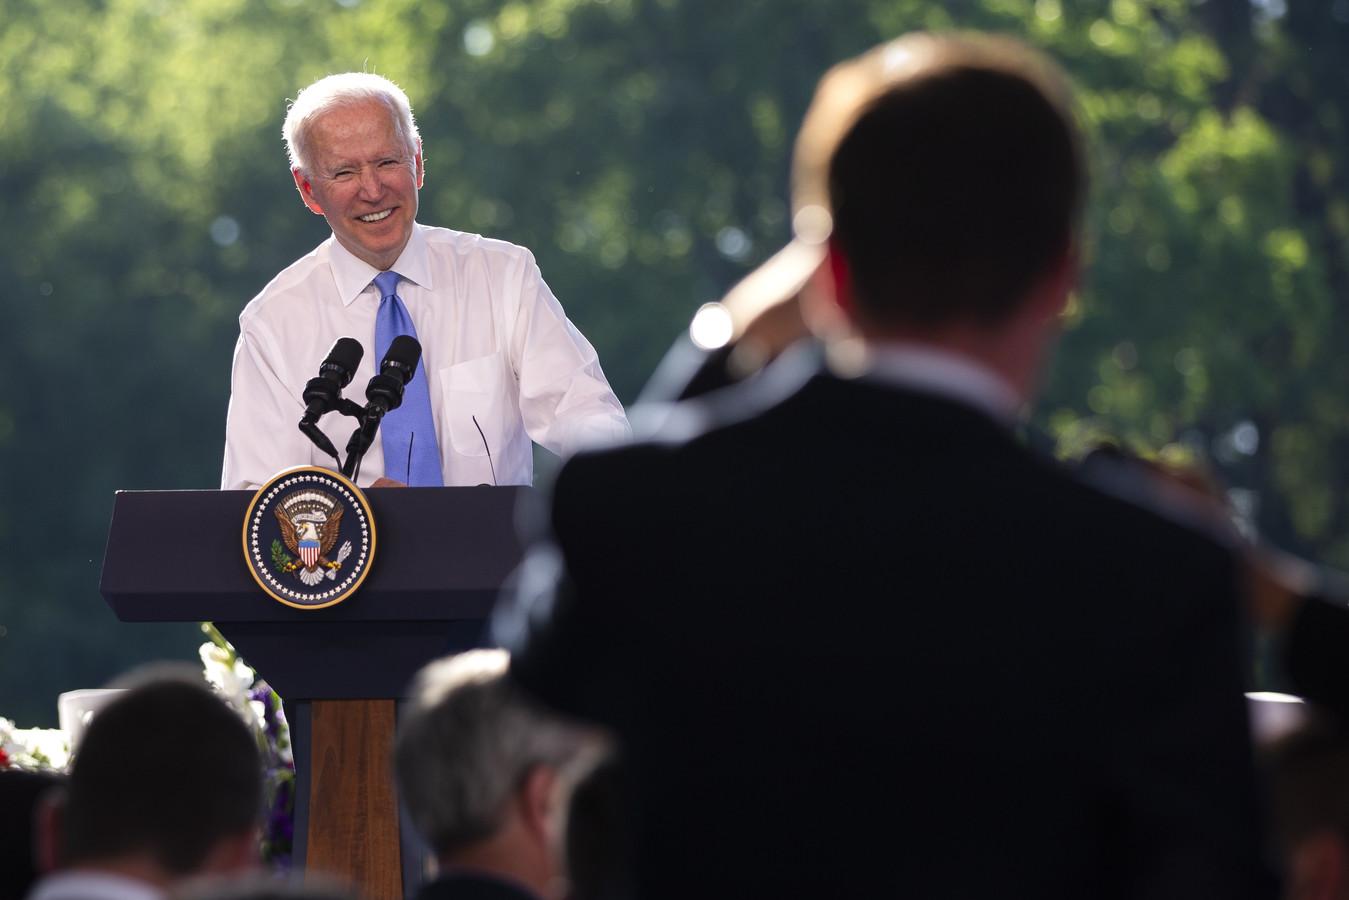 Le président américain Joe Biden répondant aux questions des journalistes lors d'une conférence de presse après le sommet États-Unis-Russie à Genève, en Suisse, le 16 juin 2021.